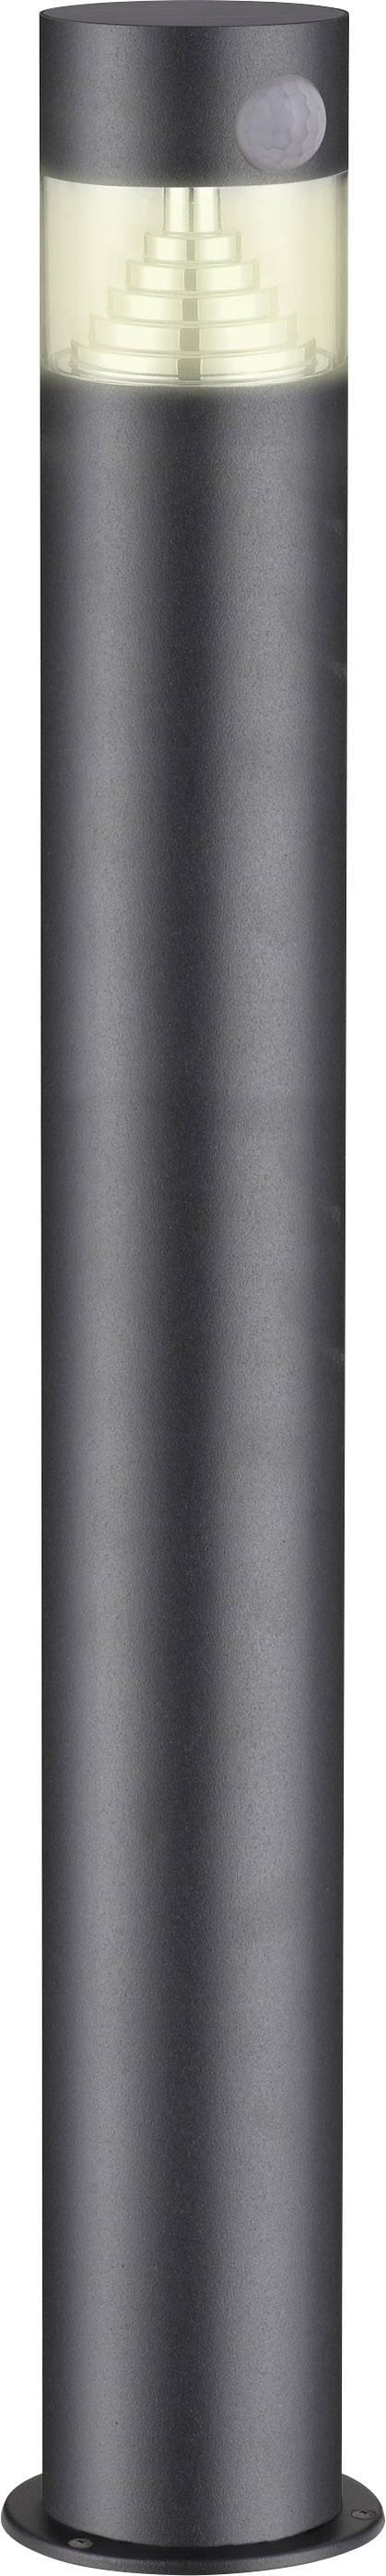 Solární zahradní svítidlo s PIR detektorem Polarlite PL-8228630 DC04PIR teplá bílá, tmavě šedá